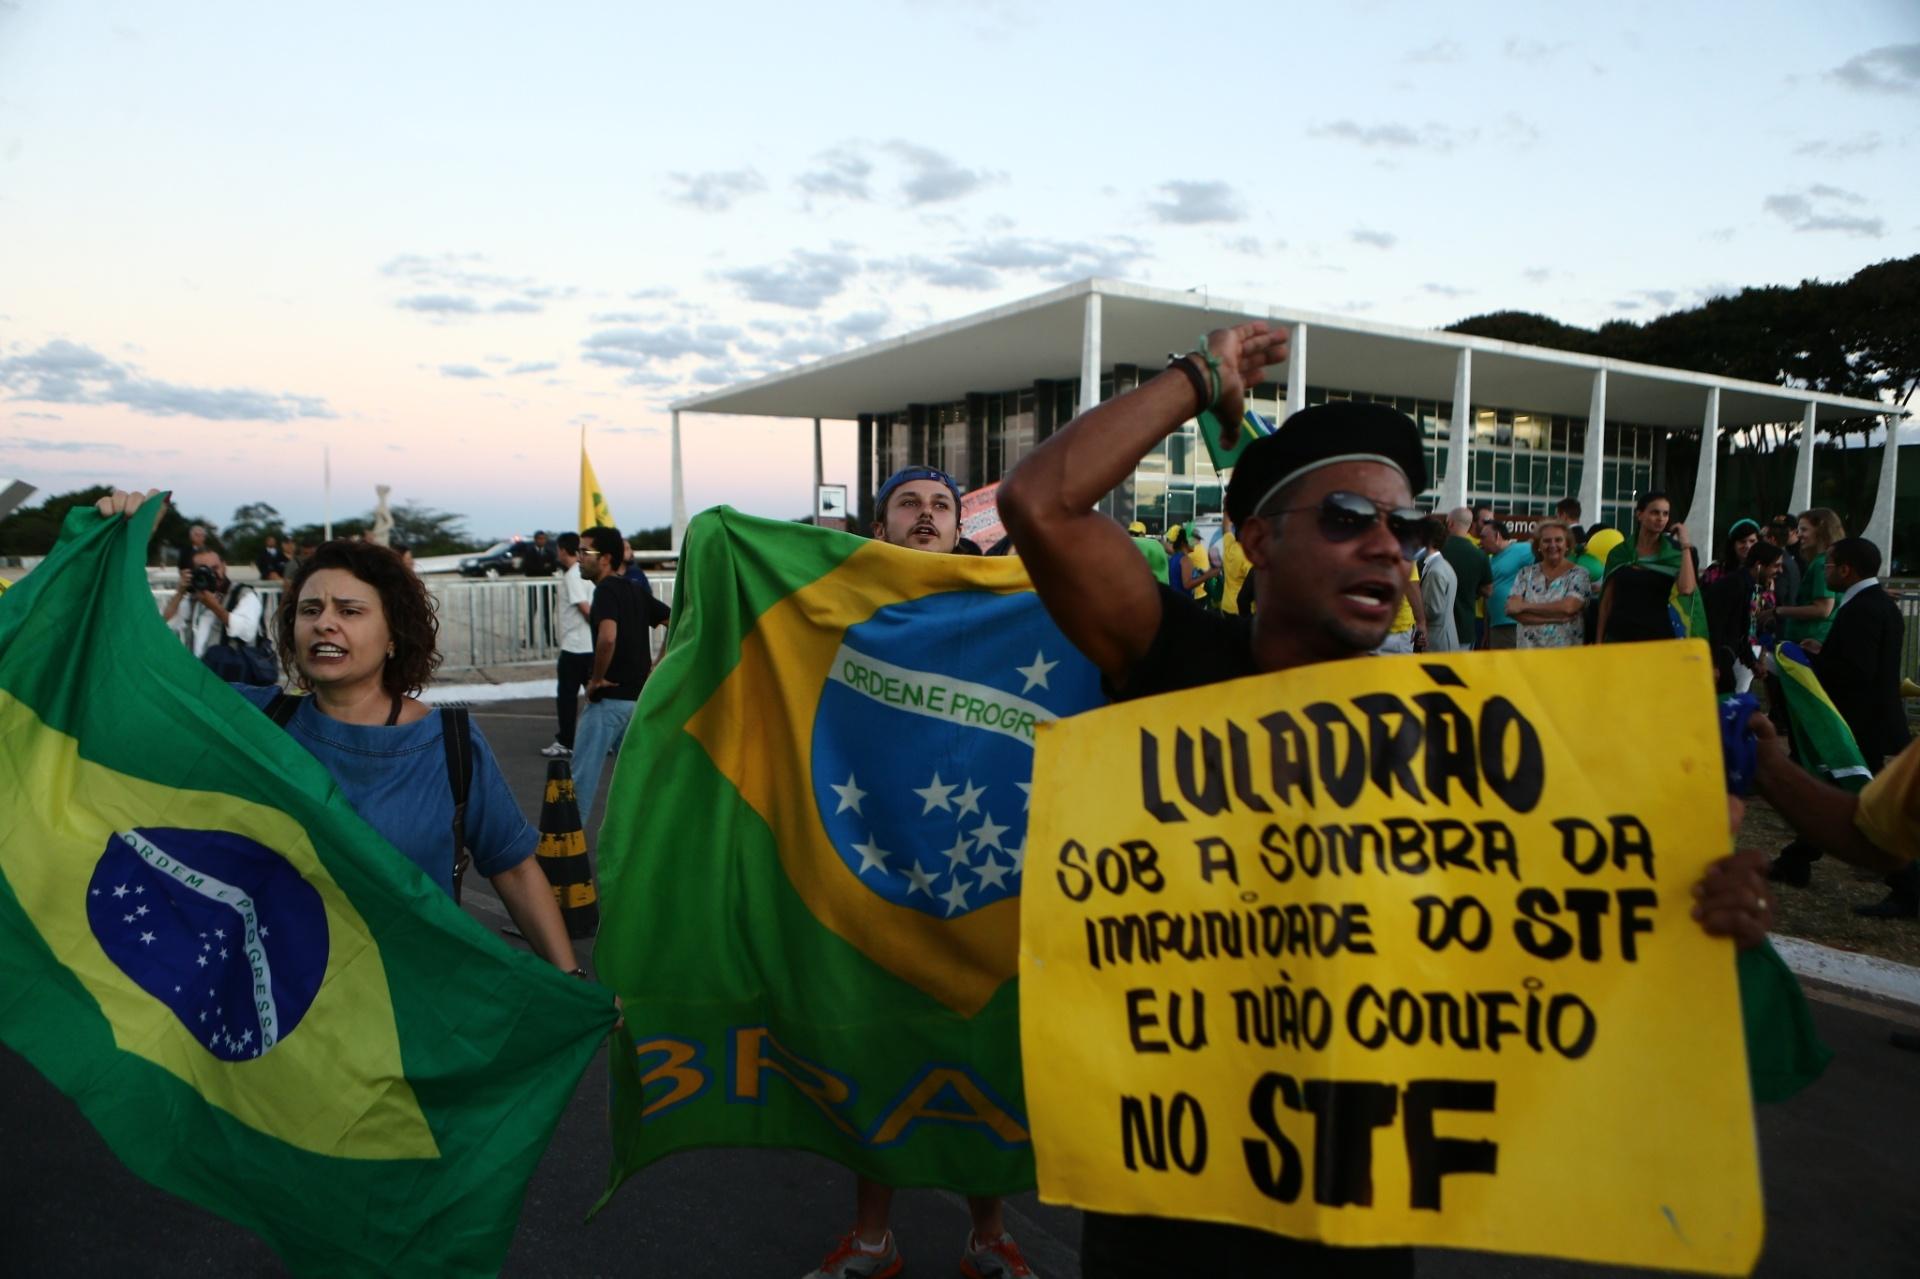 14.abr.2016 - Manifestantes protestam contra a presidente Dilma Rousseff e o ex-presidente Lula em frente ao Supremo Tribunal Federal (STF) durante julgamento do recurso do governo contra impeachment de Dilma